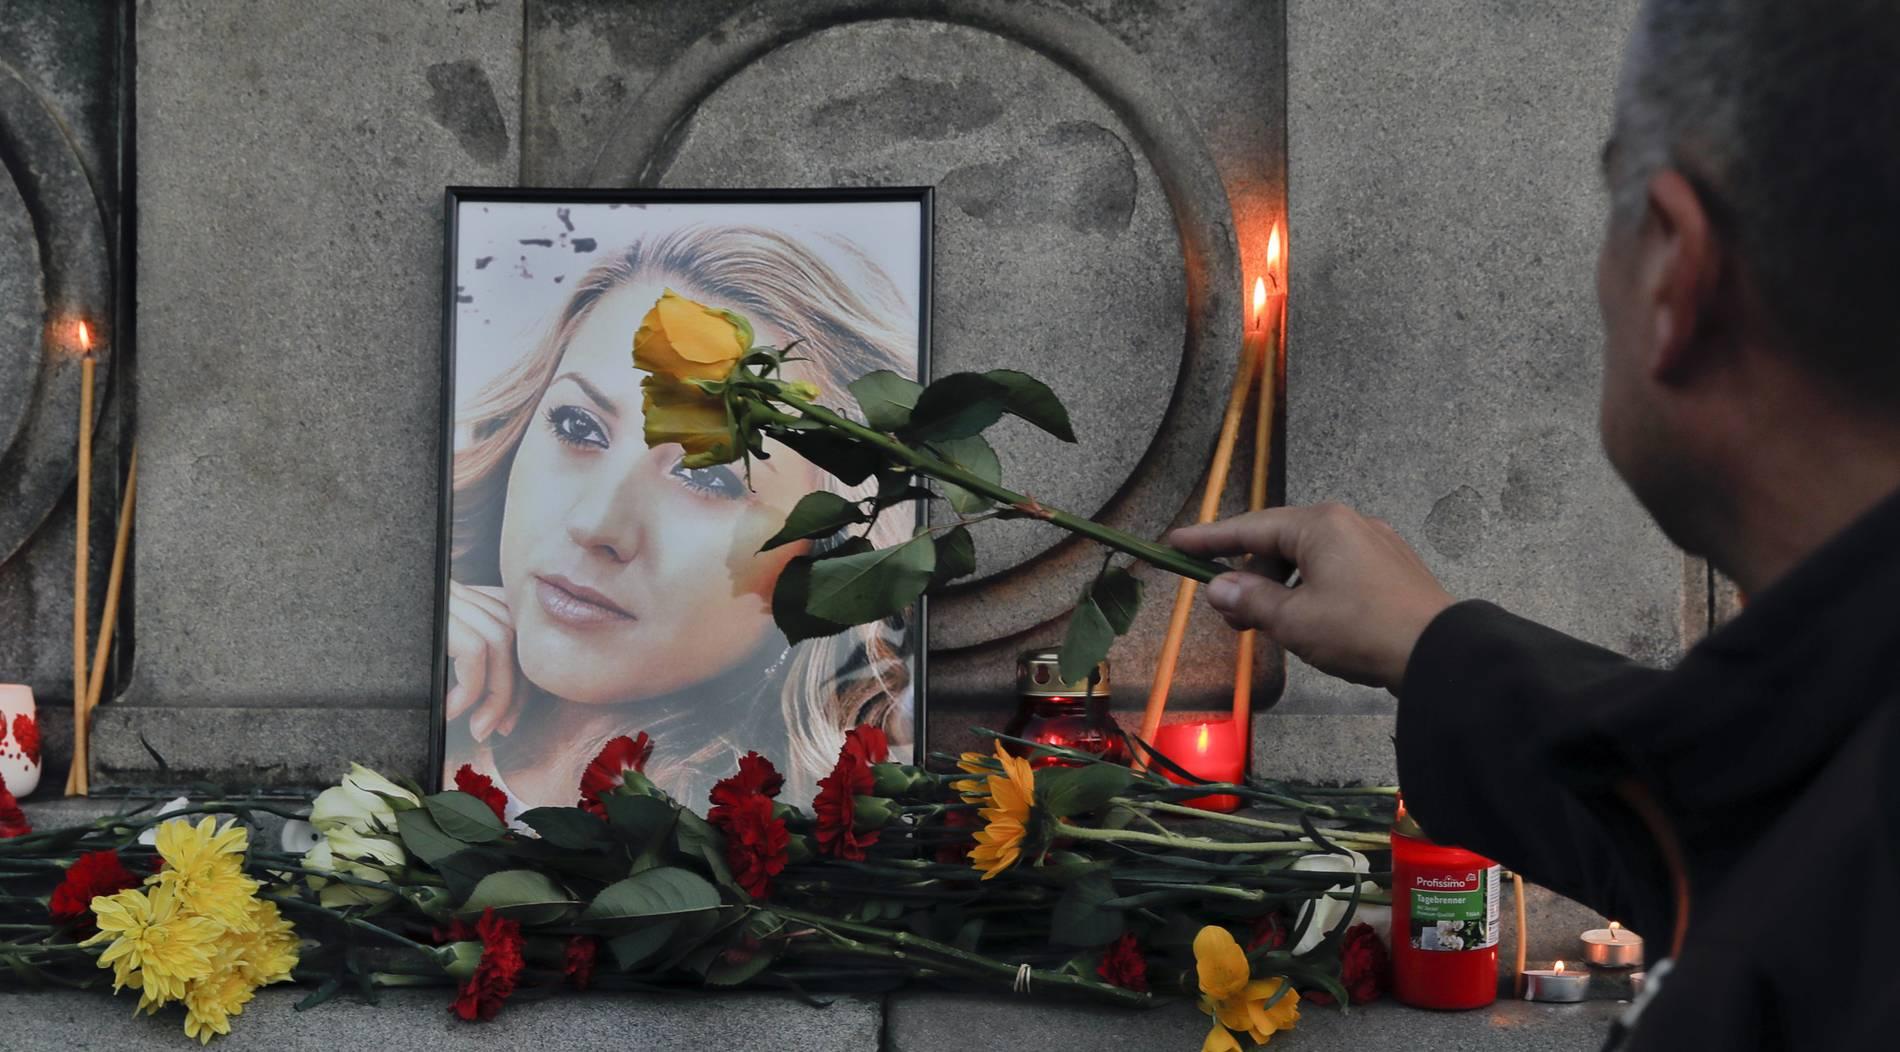 30 Jahre Haft für Mord an bulgarischer Fernsehmoderatorin